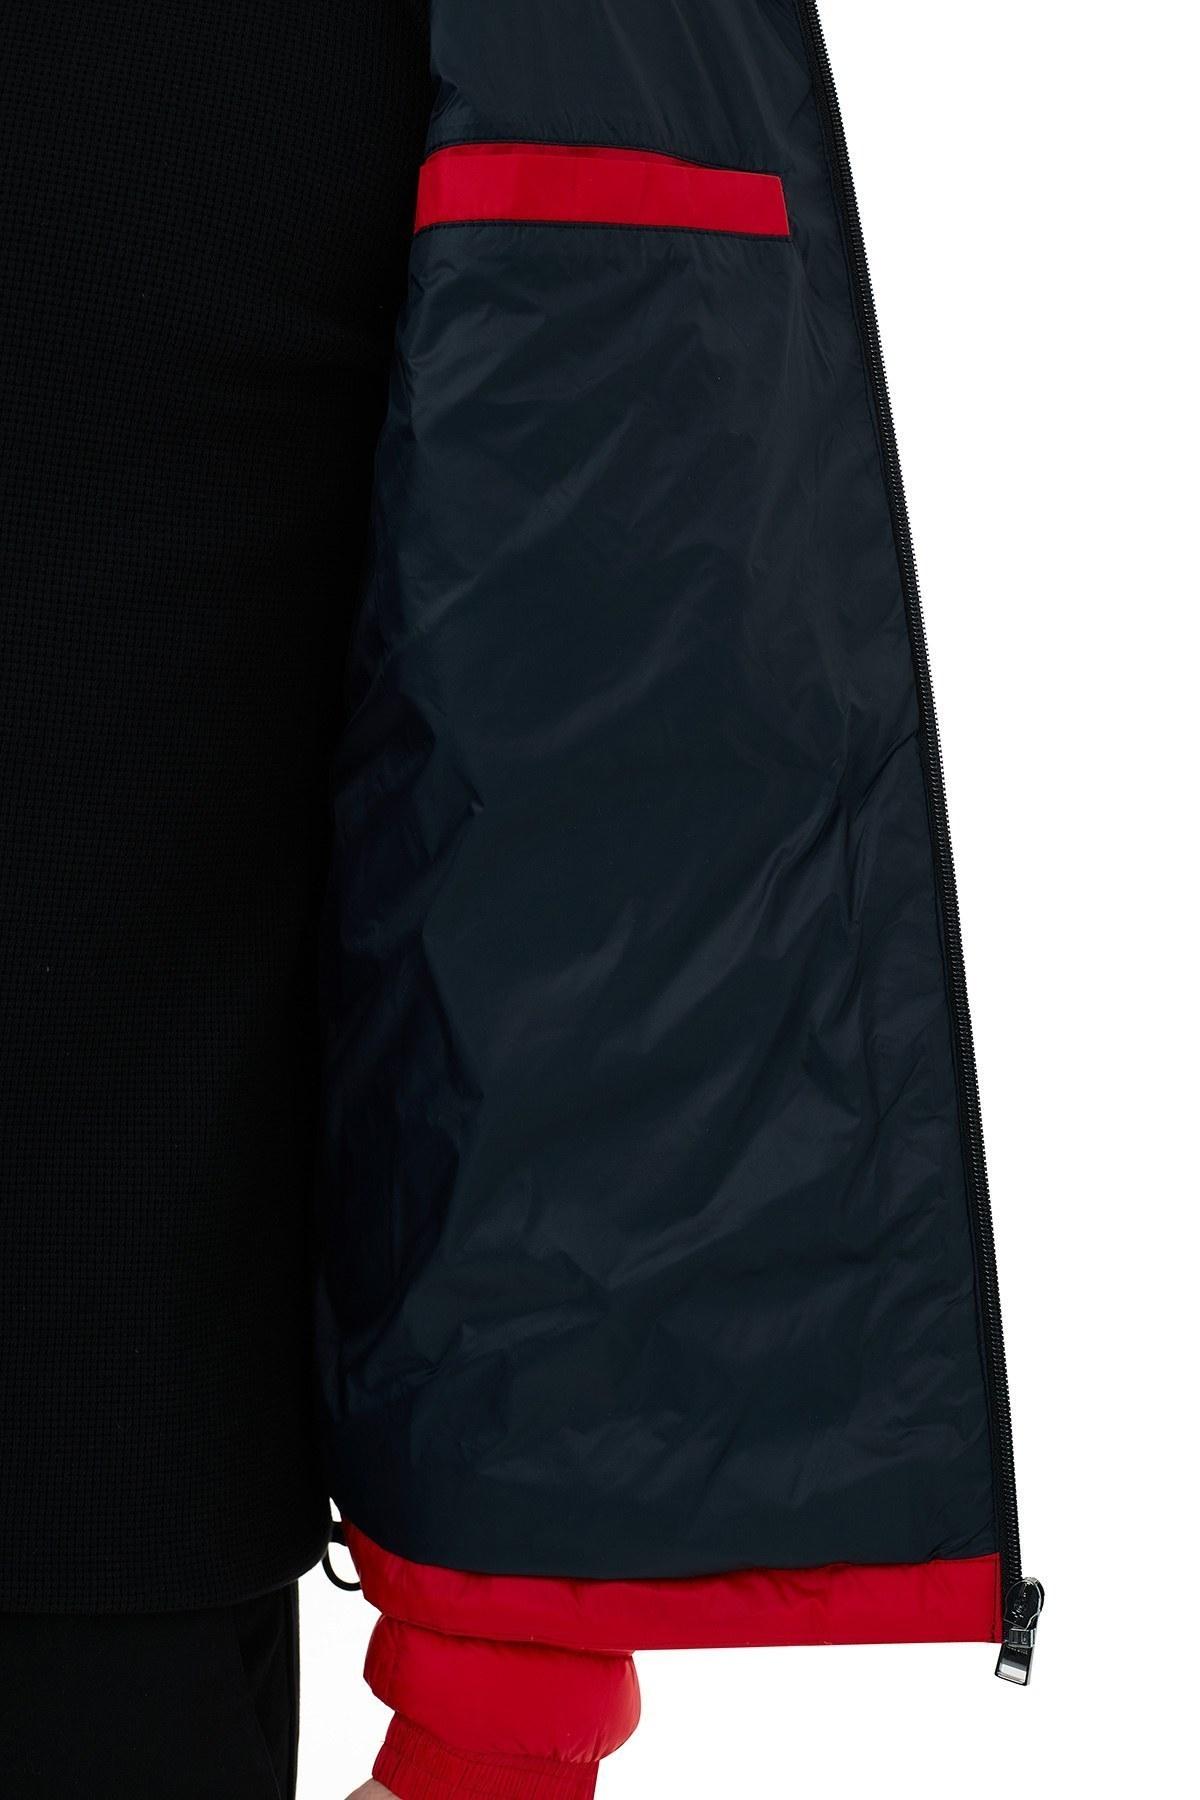 Hugo Boss Regular Fit Dik Yaka Şişme Erkek Mont 50427292 625 KIRMIZI